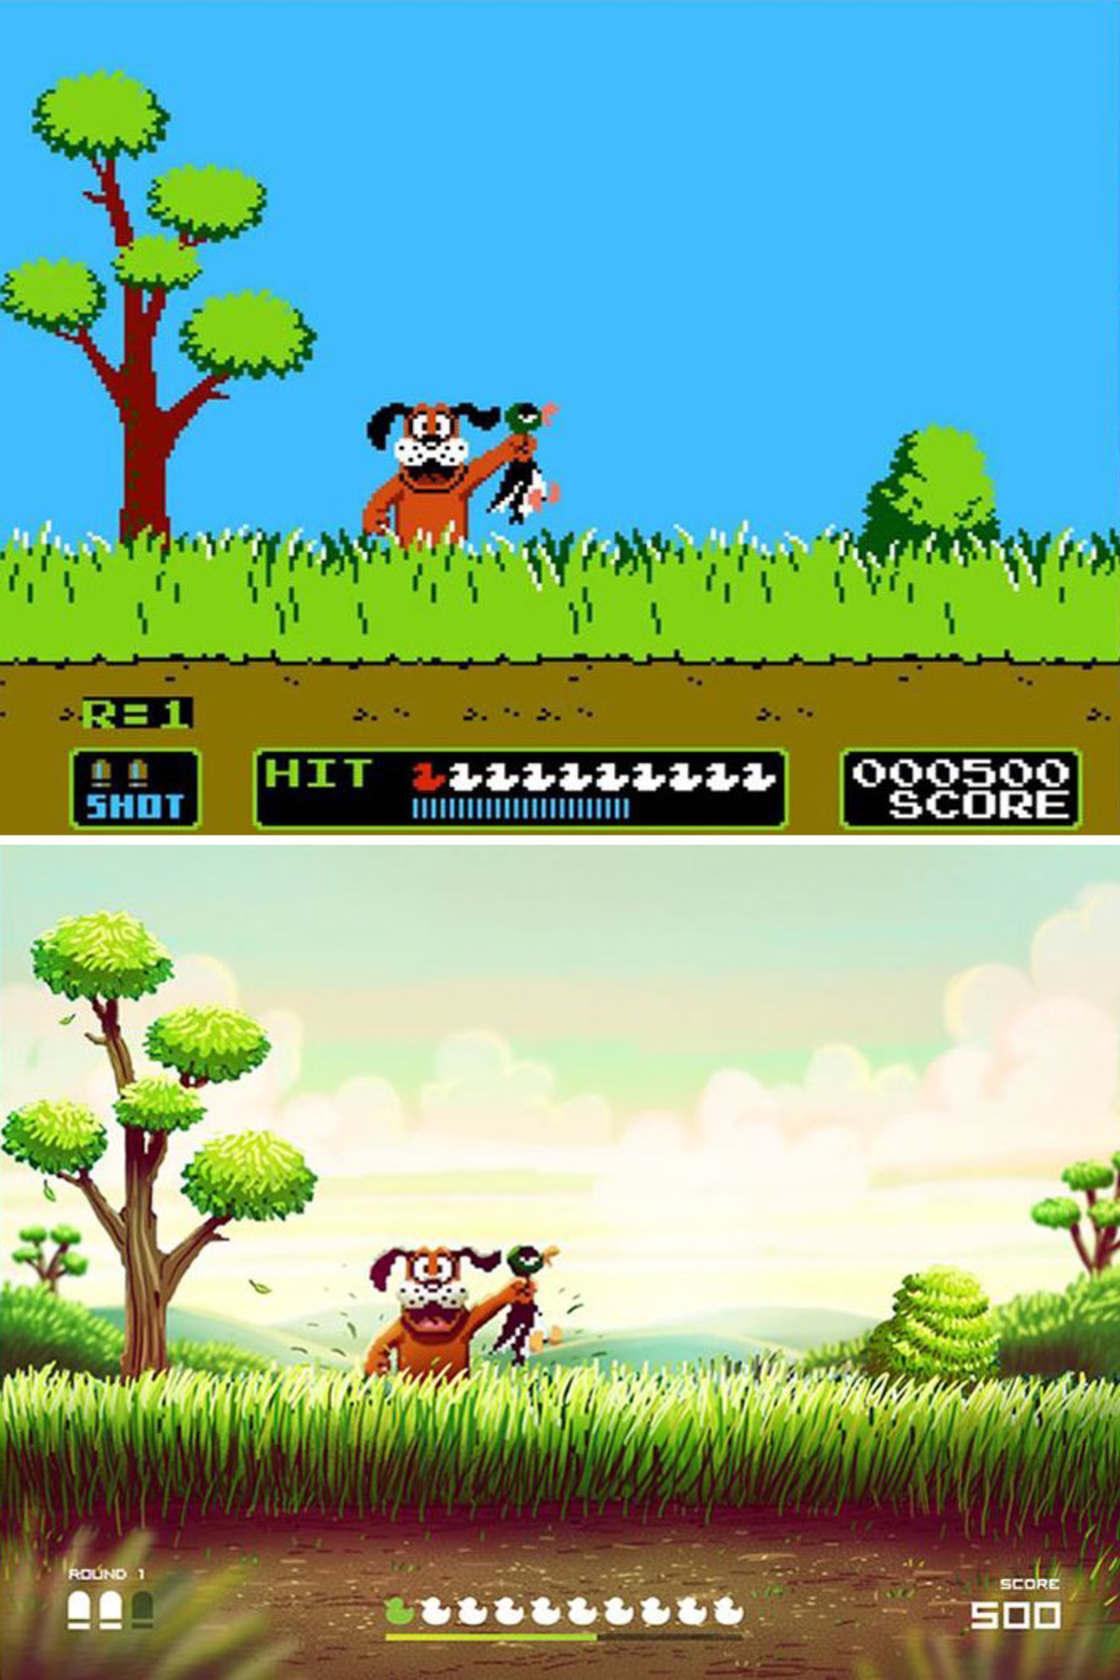 Un illustrateur donne un coup de jeune aux jeux video retro de la NES